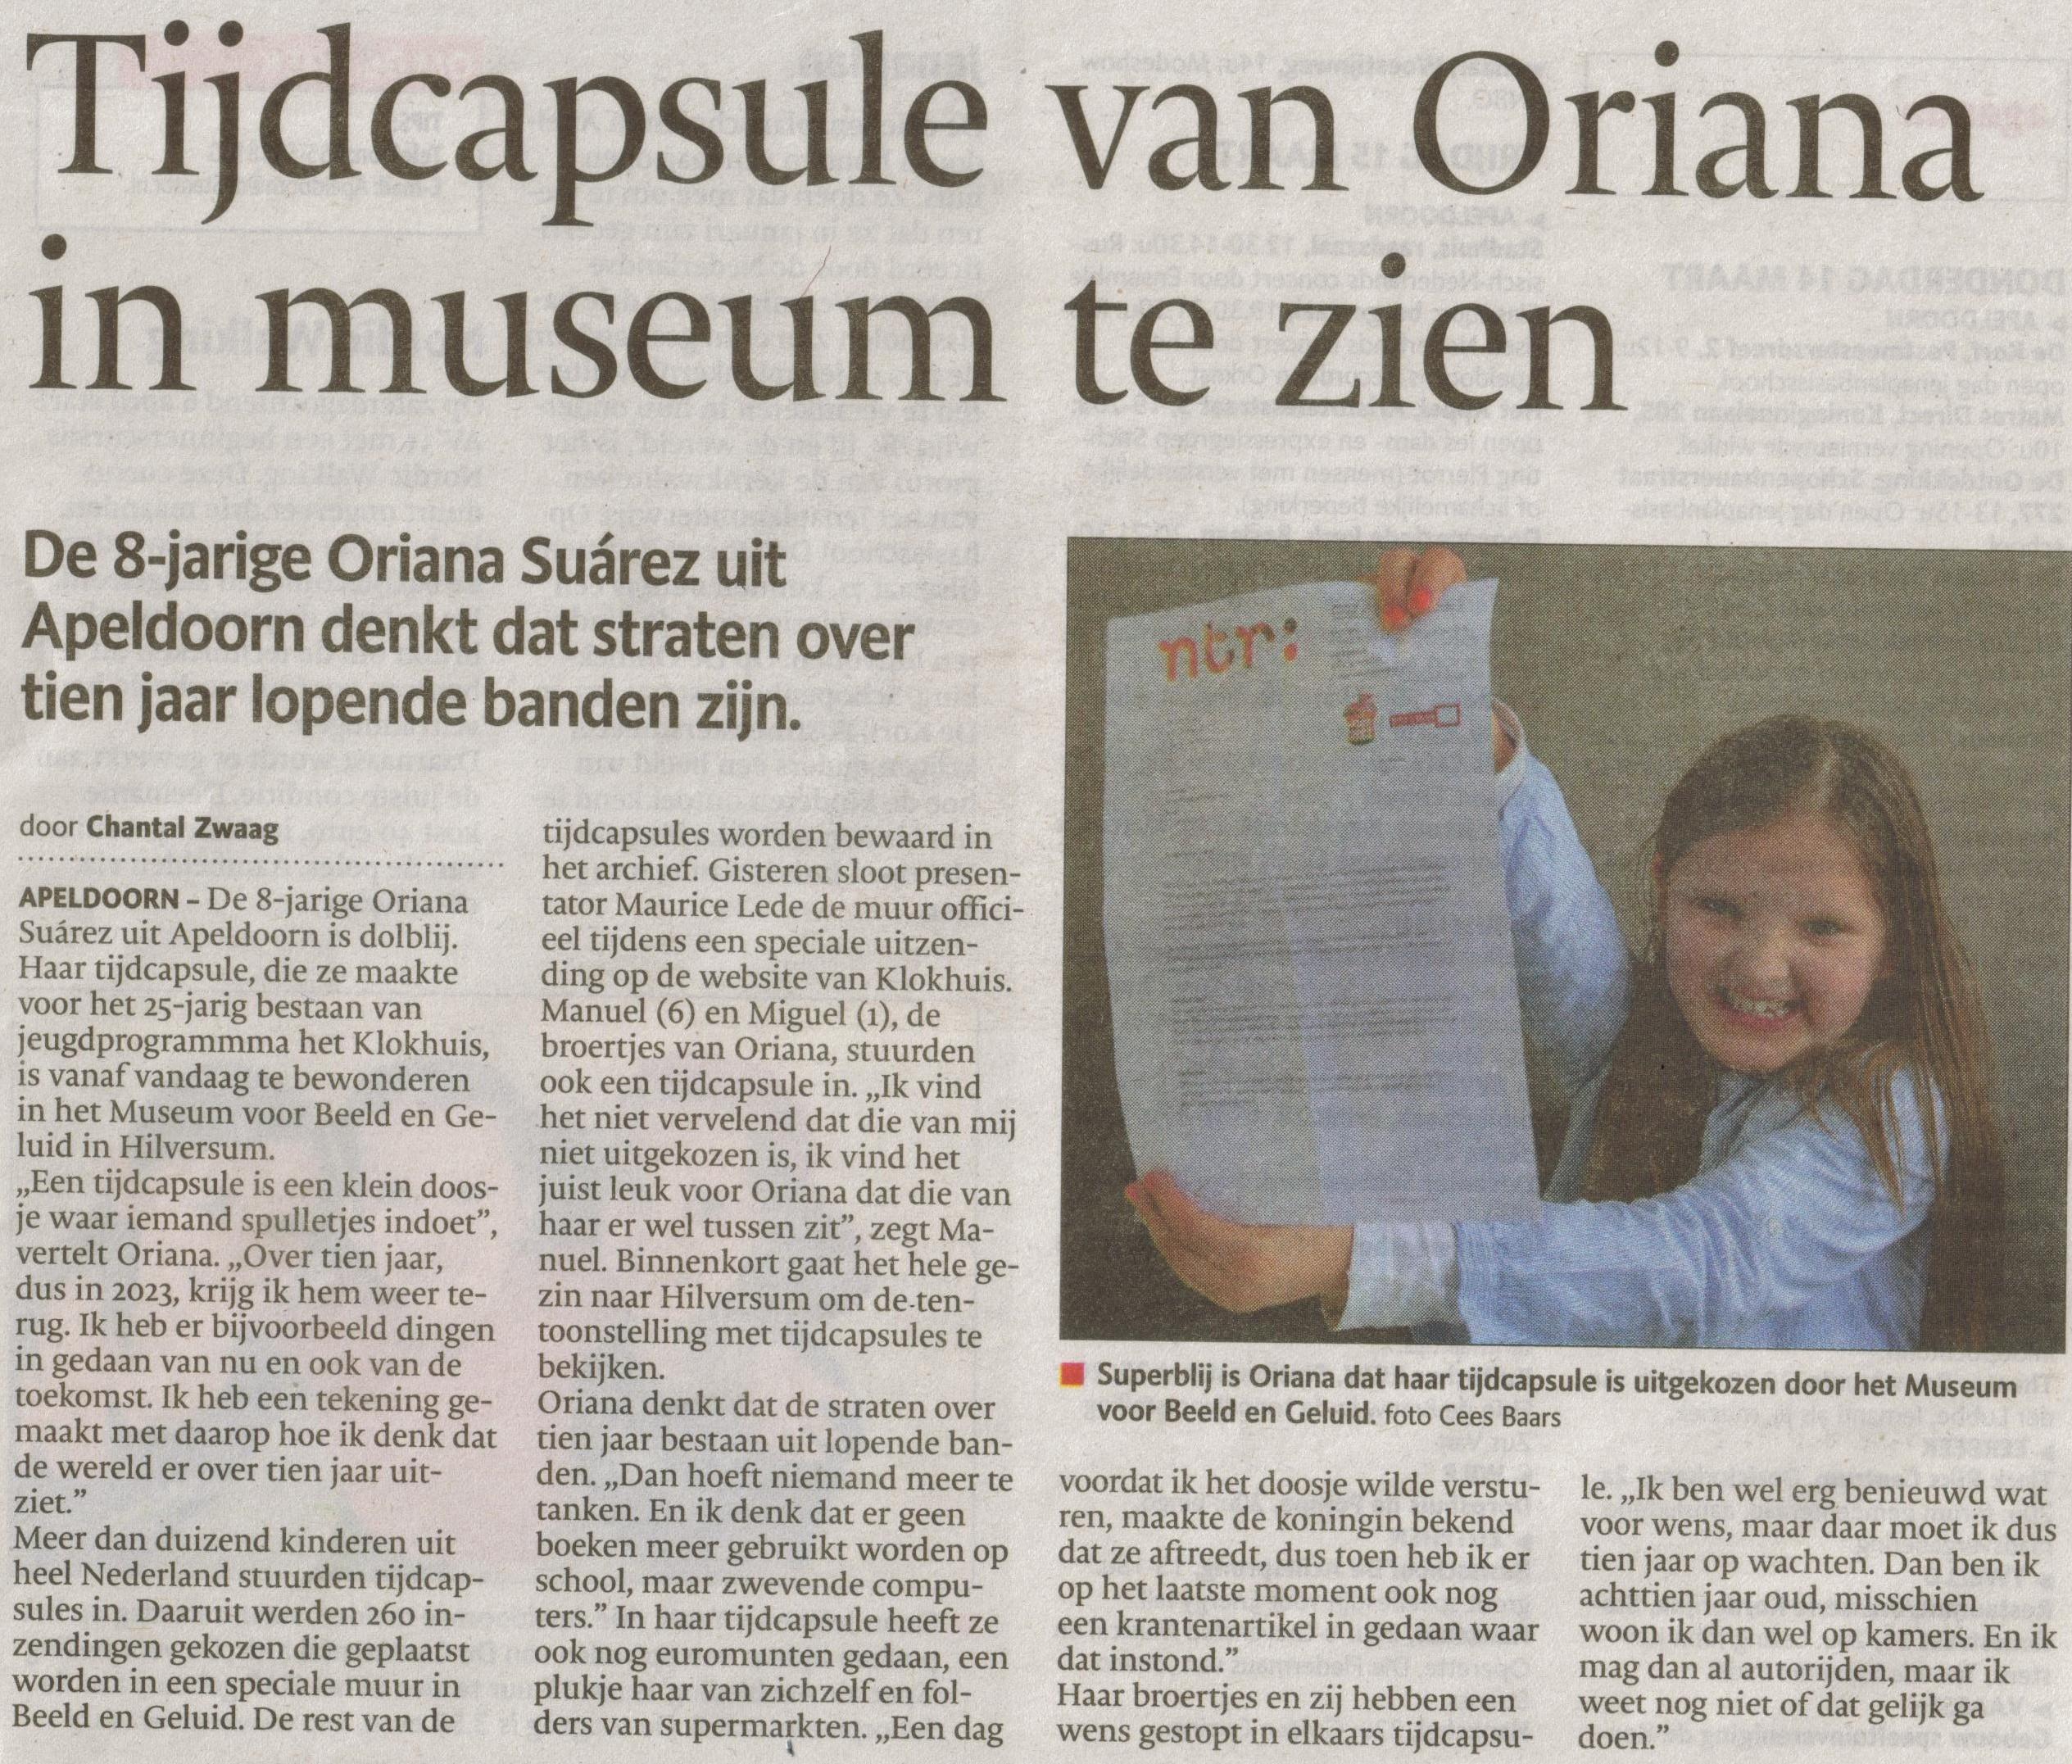 Bron: De Stentor Apeldoorn 14 maart 2013